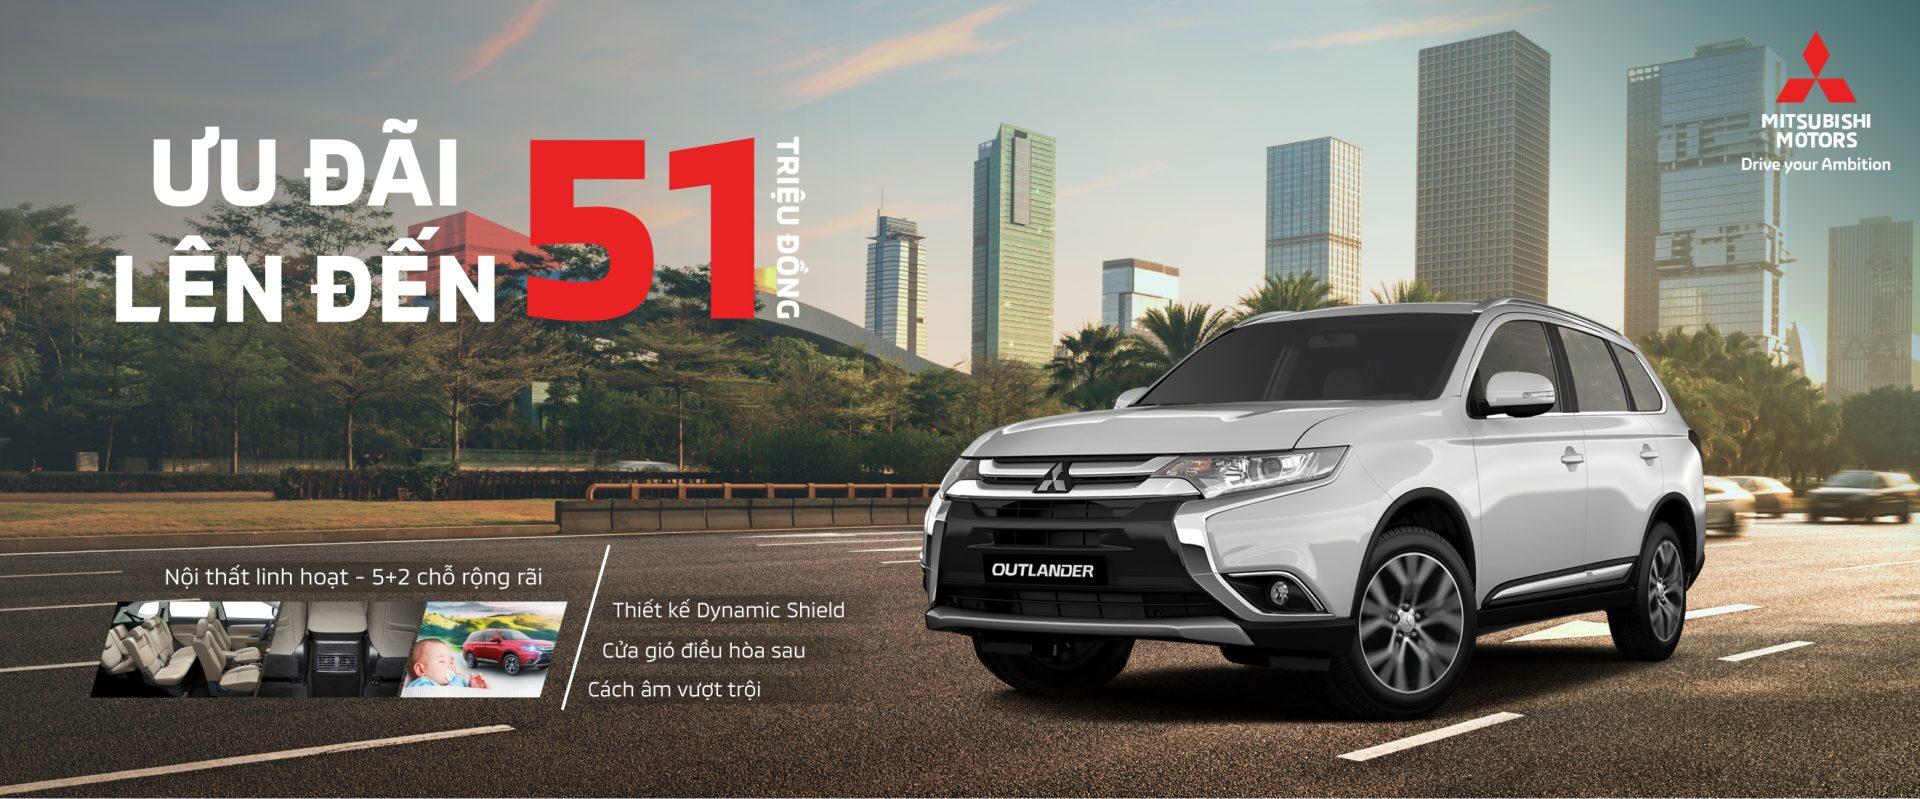 Mitsubishi Nam Miền Trung khuyến mãi tháng 8